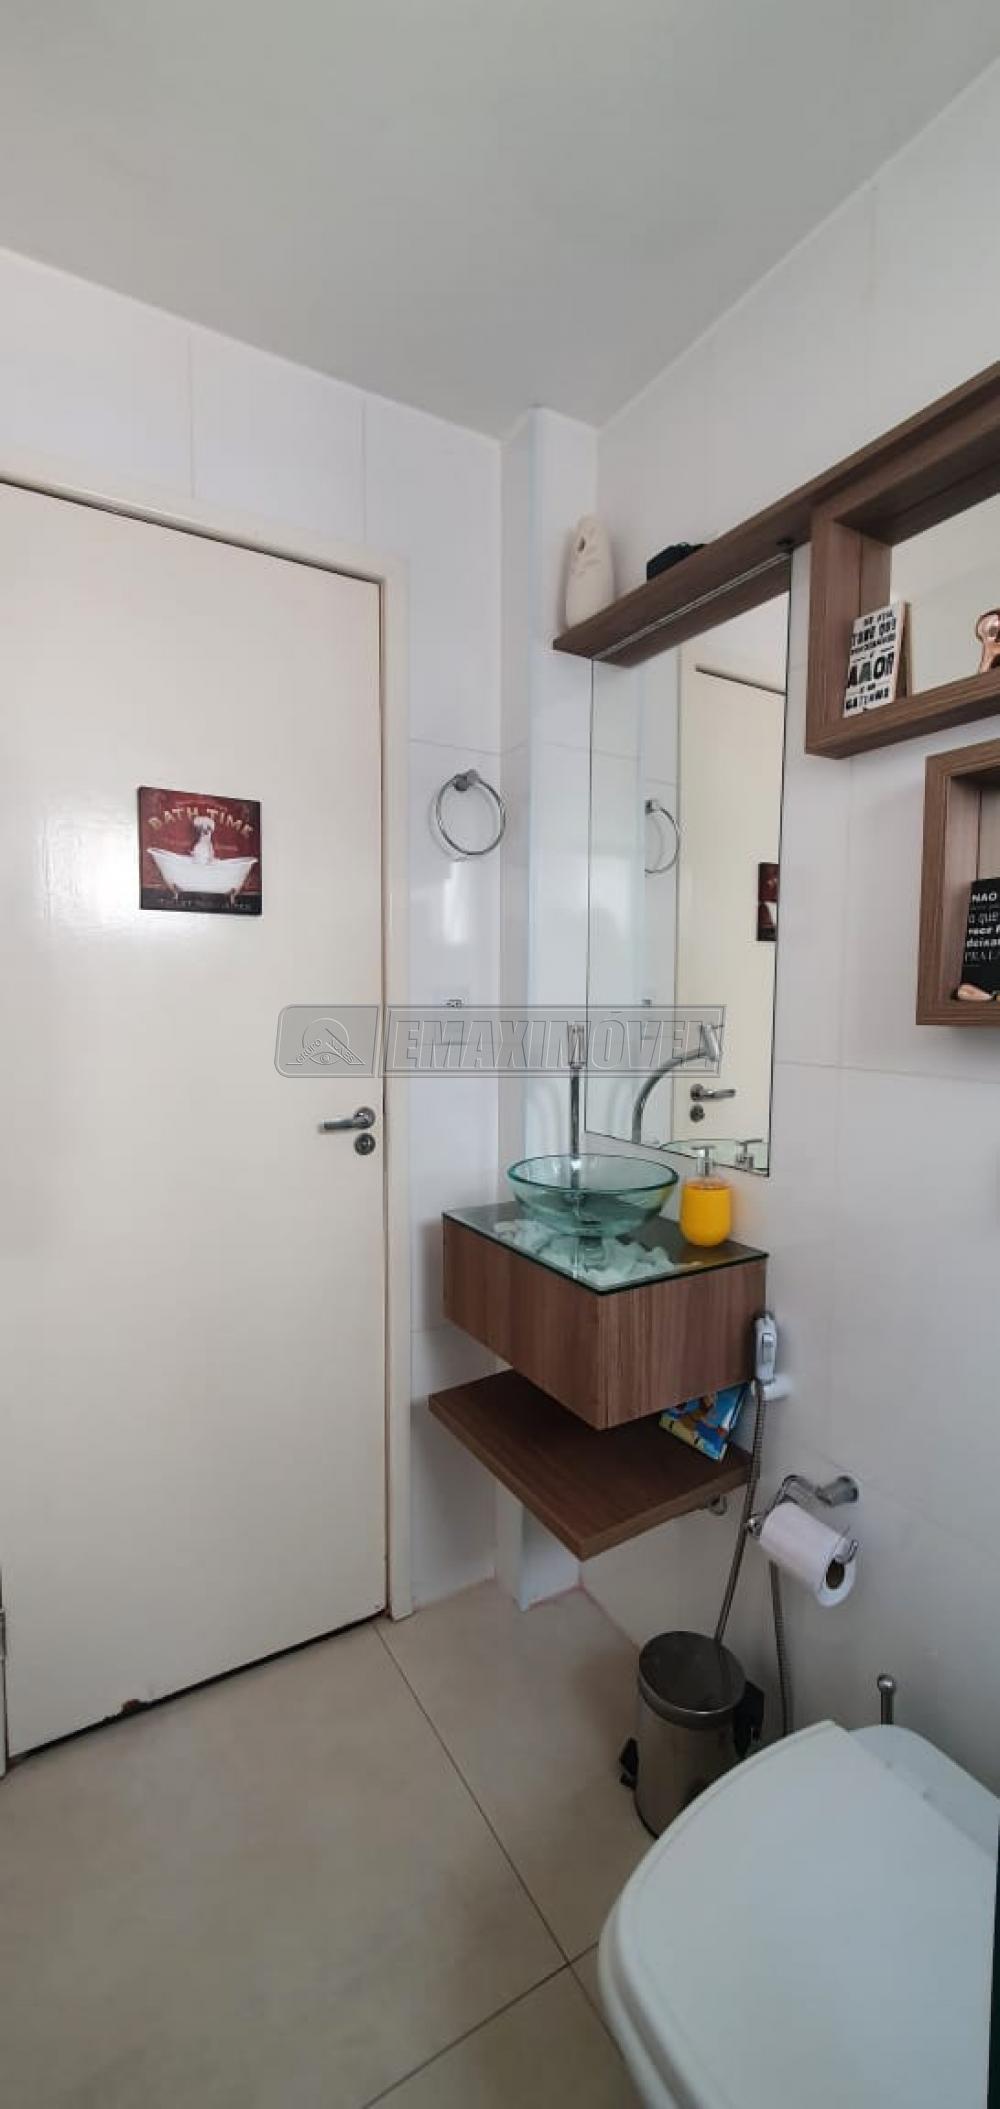 Comprar Apartamento / Padrão em Sorocaba R$ 175.000,00 - Foto 15